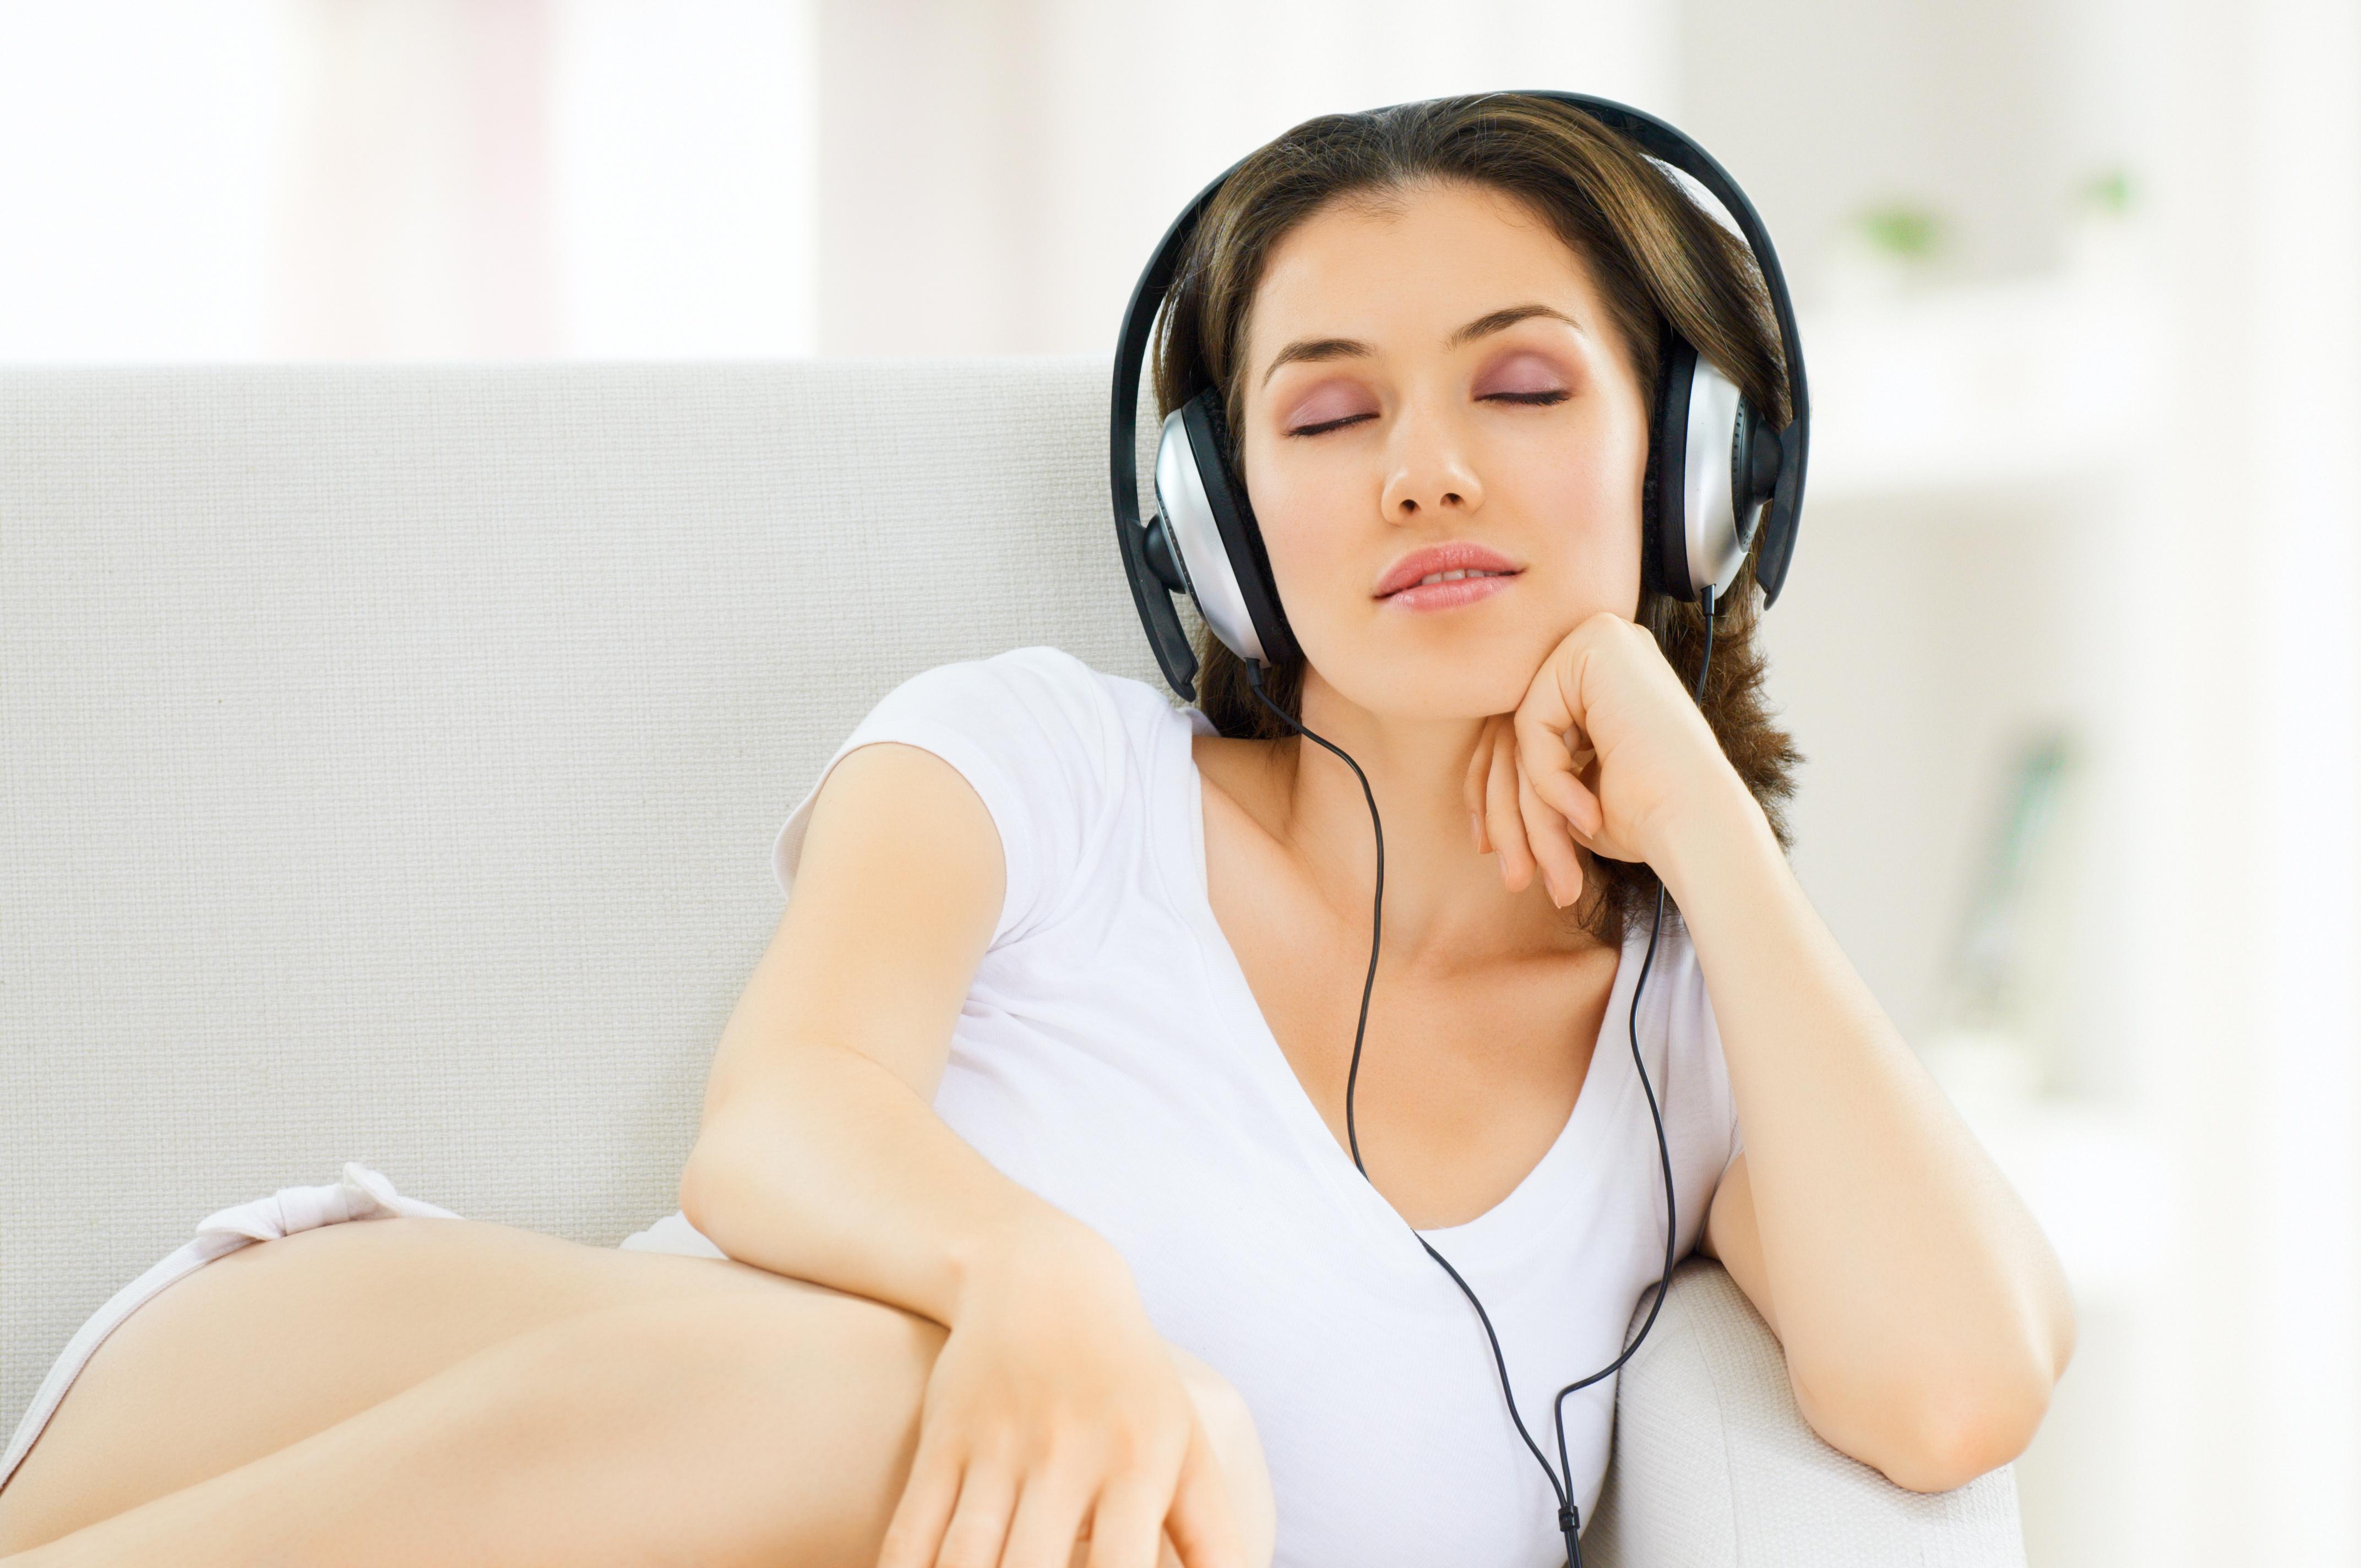 Секс по телефону слушать бесплатно 16 фотография